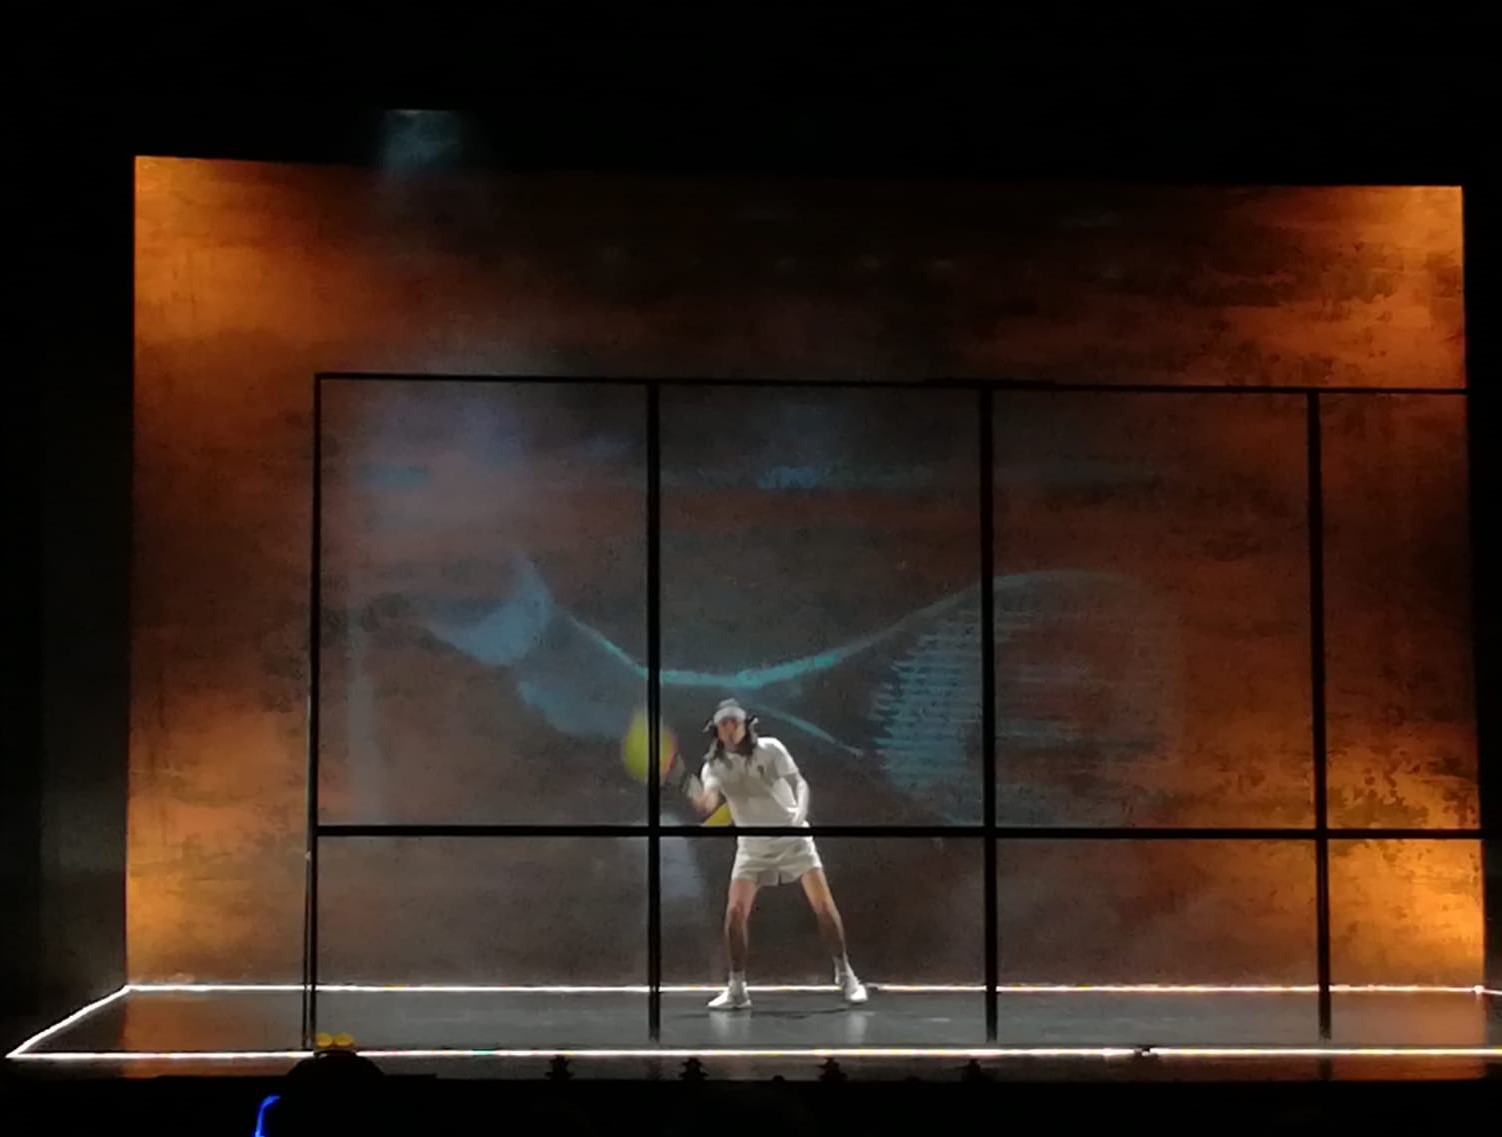 Tennis Foto di scena 6